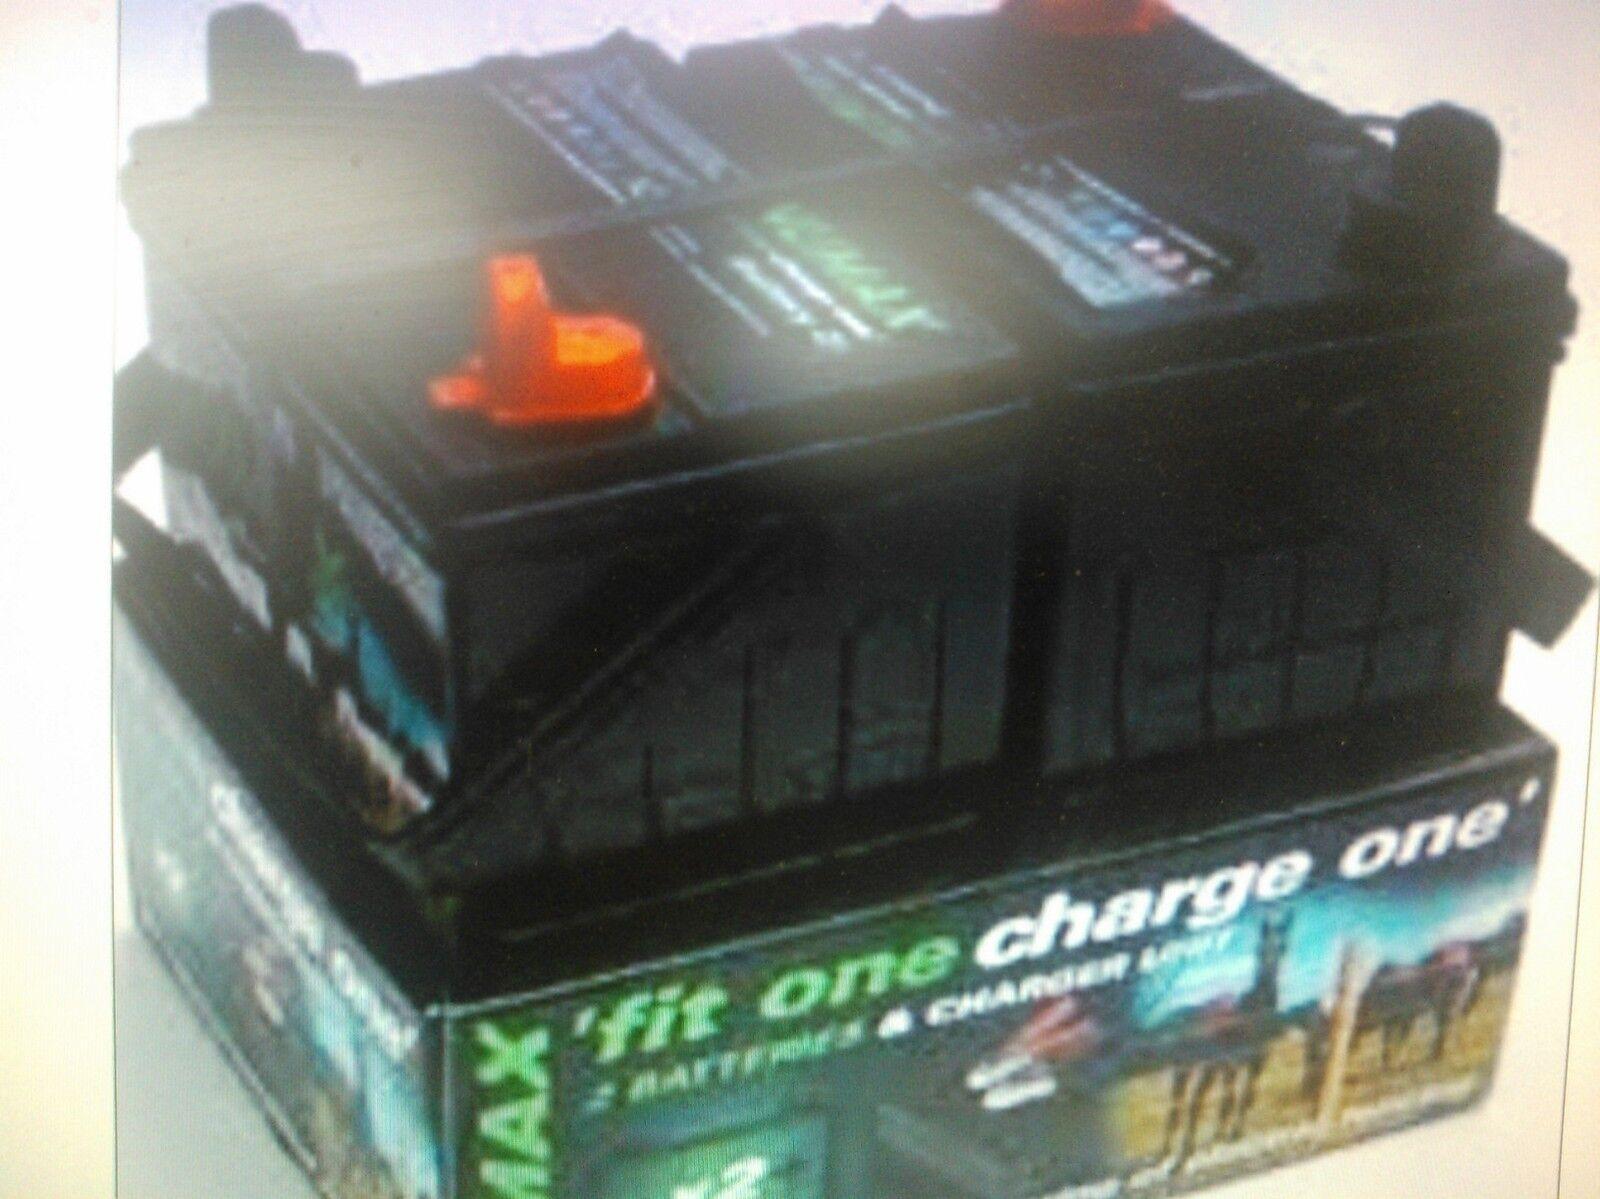 Cochega de ajuste uno uno  cerca Eléctrica Batería 12V 32AH 2 X Baterías Y Cochegador Numax  wholesape barato